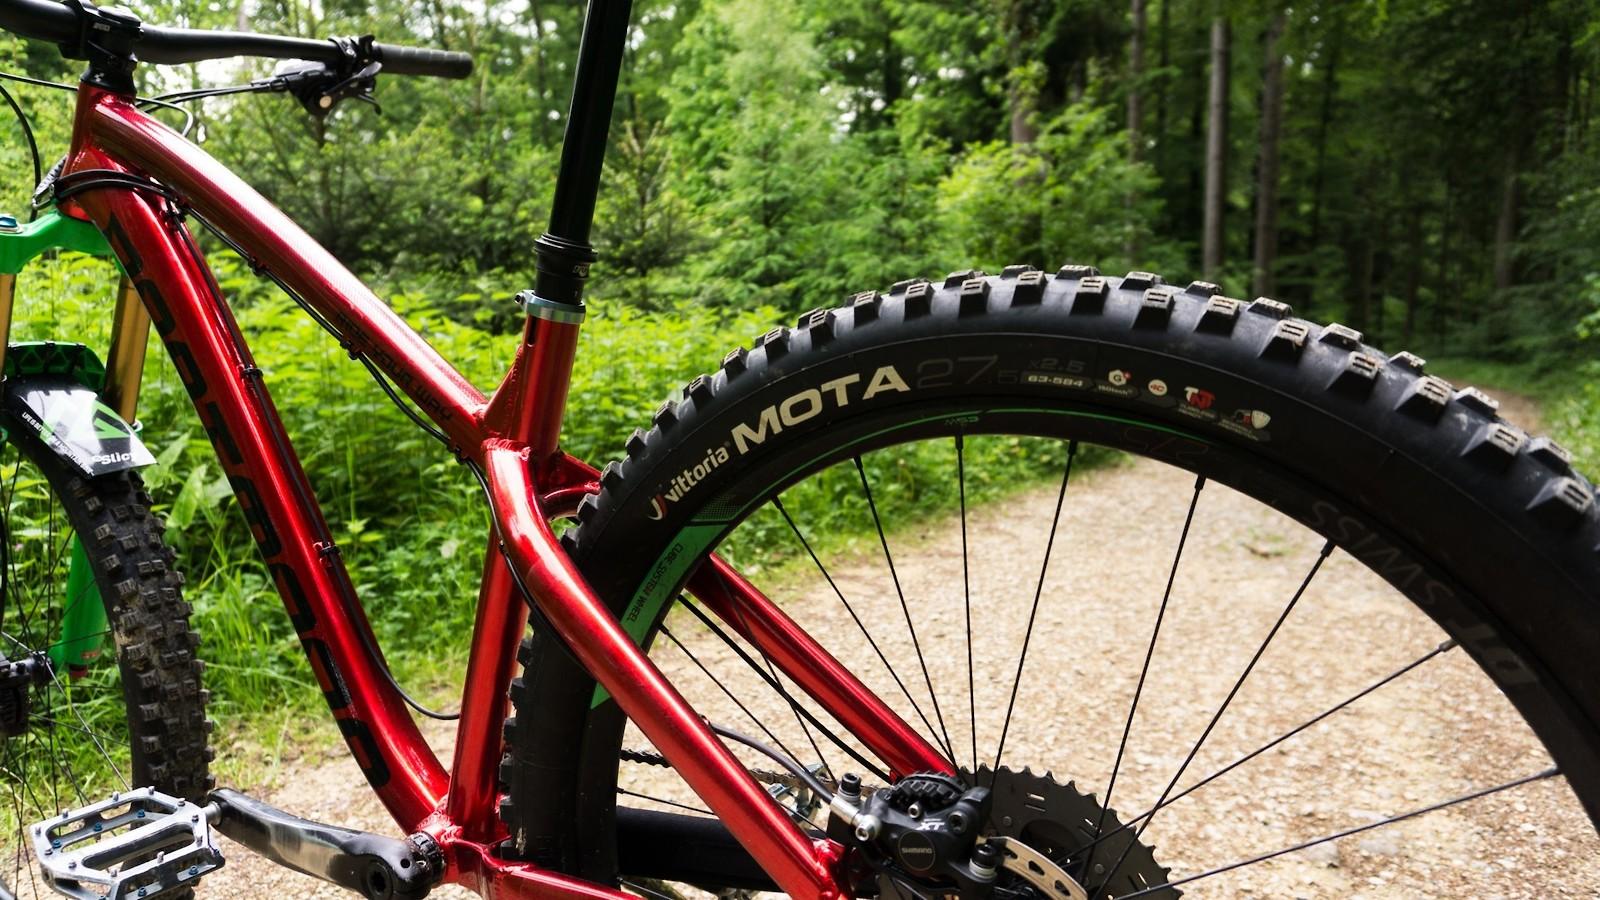 040 - allmountain.ch - Mountain Biking Pictures - Vital MTB